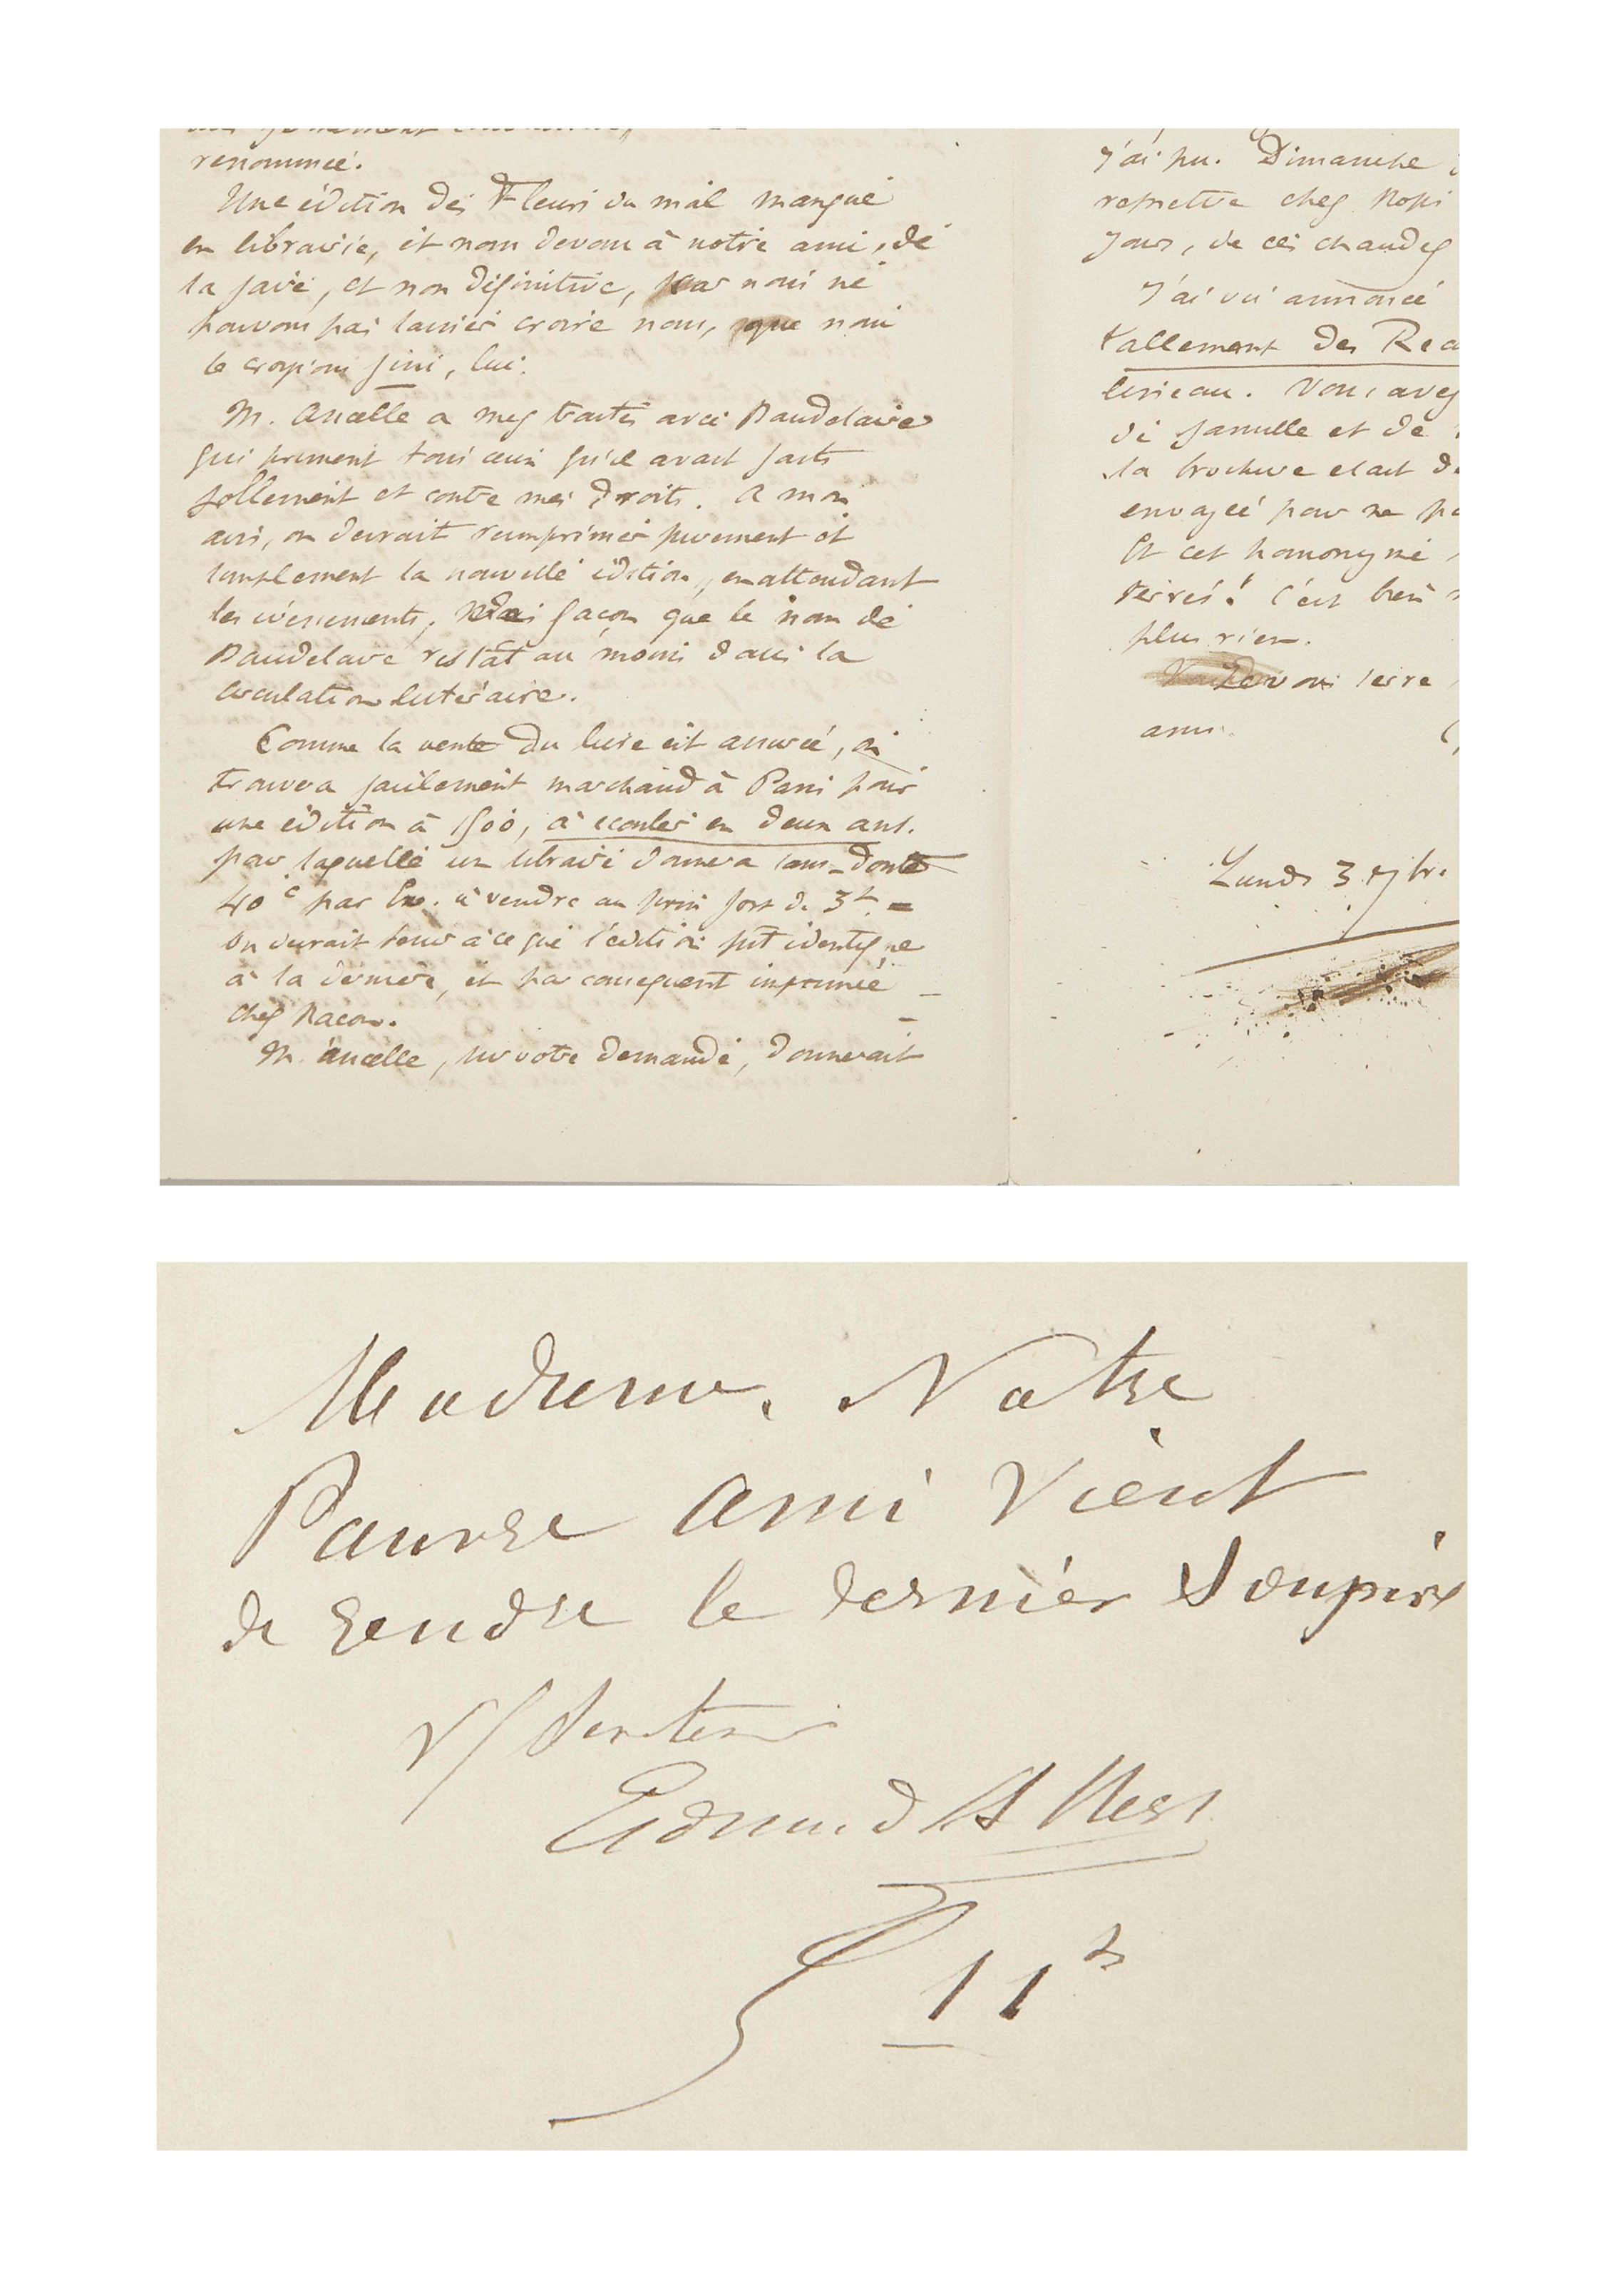 [BAUDELAIRE] -- Très importante réunion de 85 lettres autographes rédigées entre 1866 en 1870 relatant la maladie, la mort et les publications des oeuvres de Baudelaire. L'ensemble contient les lettres suivantes: 34 de Mme Aupick (dont 12 à Félicité Baudelaire, 11 à Banville, 8 à Asselineau, et une à Poulet-Malassis, Nadar et un personnage non identifié); 33 lettres de Poulet-Malassis à Asselineau; 15 d'Asselineau (dont 13 à Poulet-Malassis et 2 à Philarète Chasles); une lettre de Manet à Asselineau; une lettre de Banville à Asselineau; et une de Charles Neyt à Poulet-Malassis. Provenance: Pierre Leroy (vente à Paris le 27 juin 2007, lot 35).